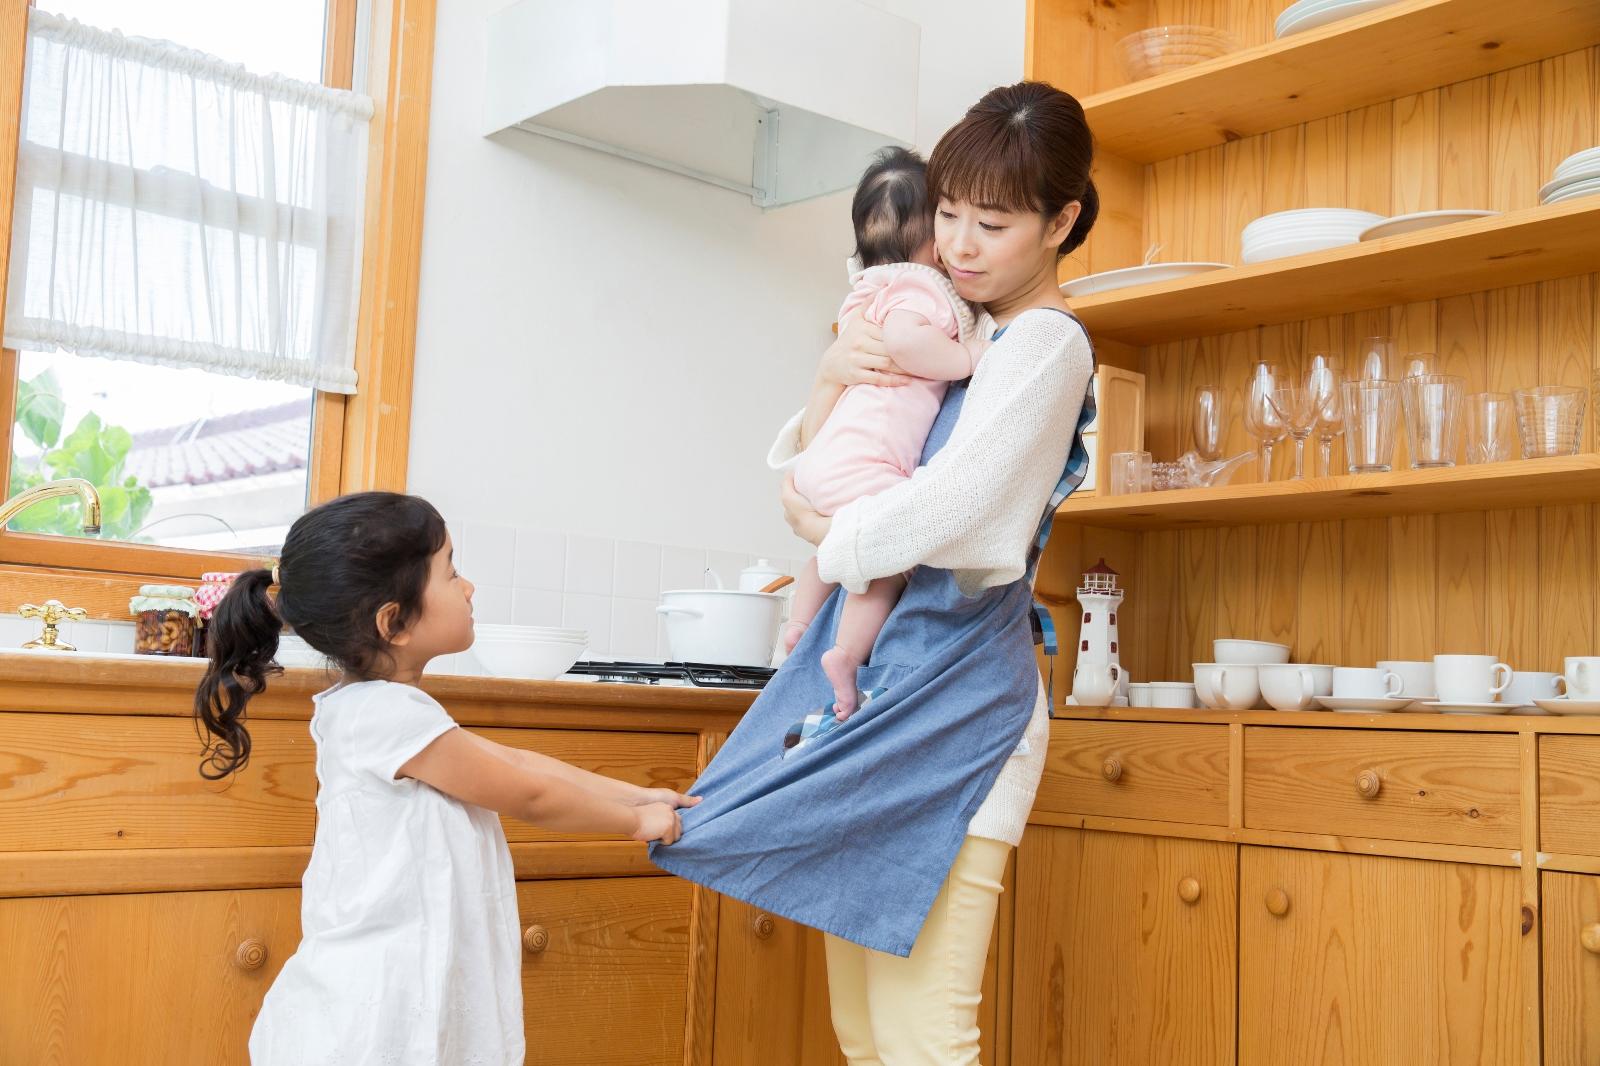 兄弟ができた上の子も、一人っ子も!赤ちゃん返りの対処法 ~子供に甘えて、わがままを解決!?~